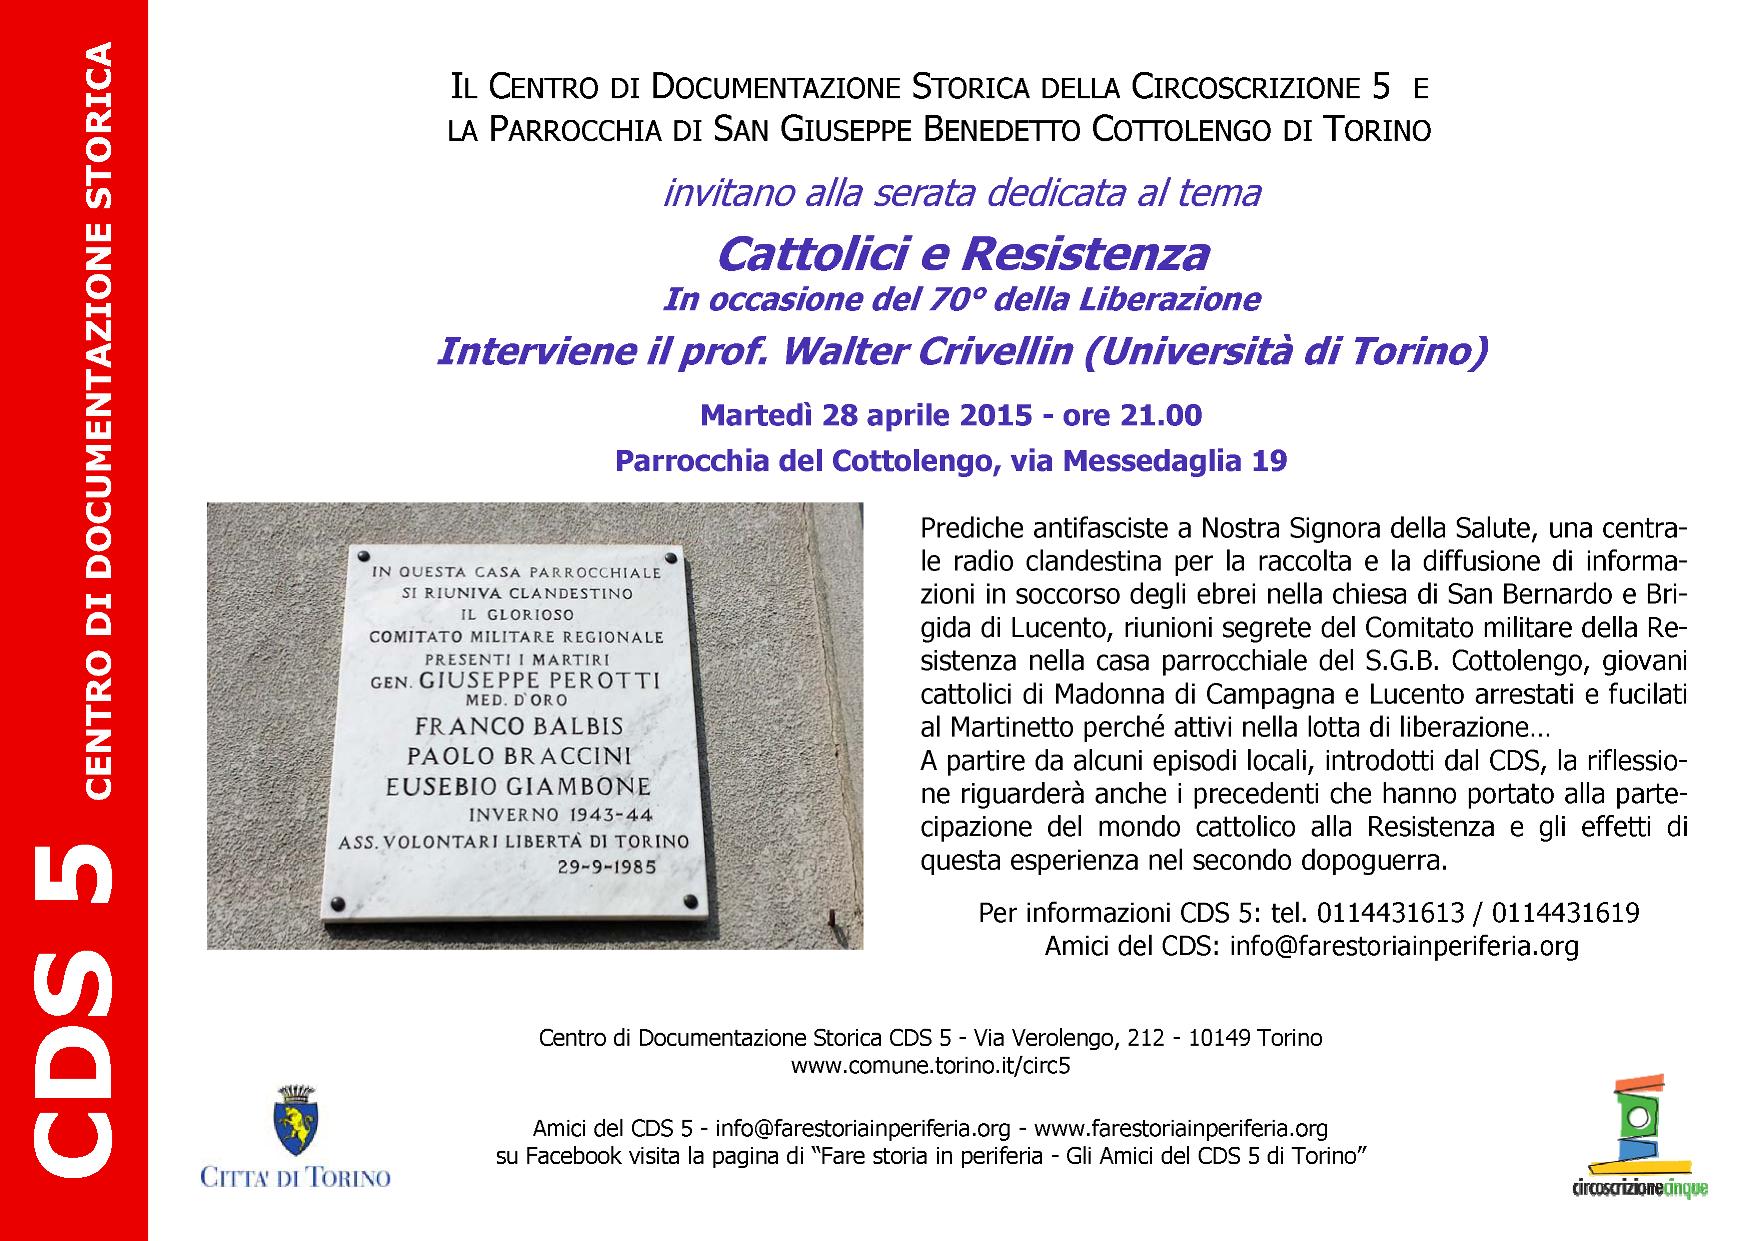 CDS-Volantino Cattolici e Resistenza per i 70 anni Liberazione 28-04-2015